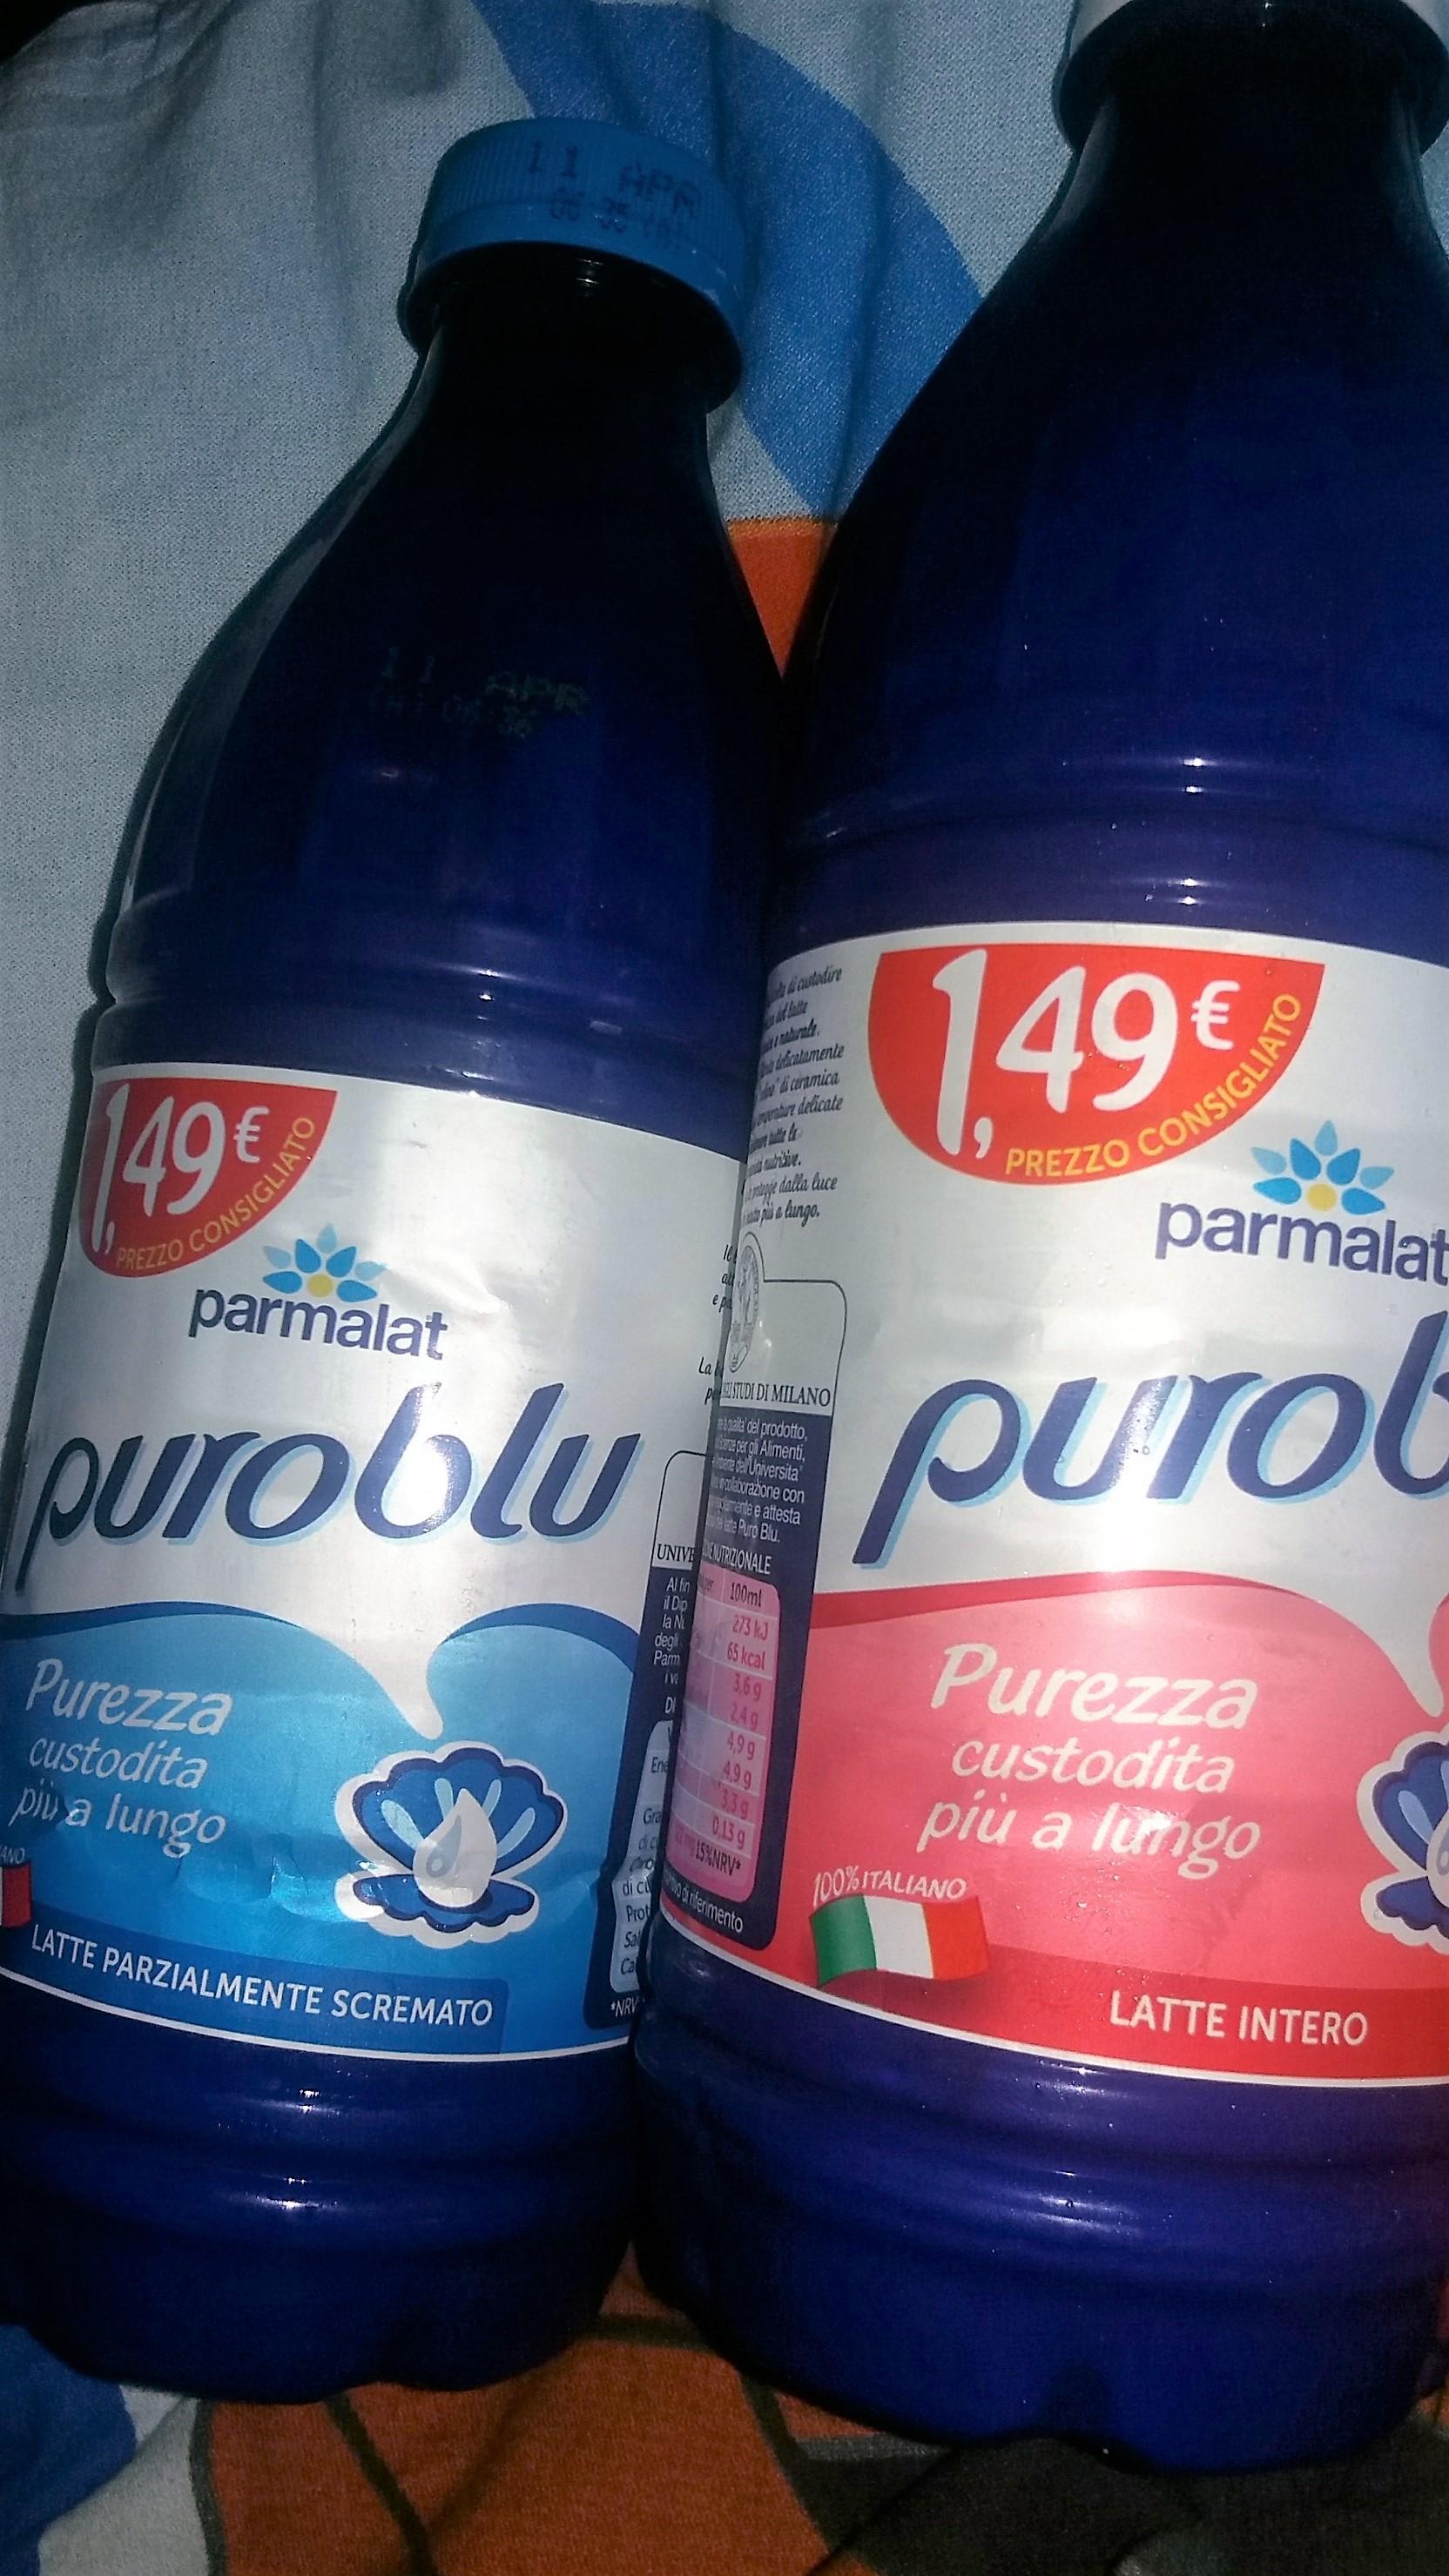 """Puro Blu Intero · Puro Blu Parzialmente Scremato ... Per questo possiamo dire che il latte """"Puro Blu, il latte buono che dura di più""""!"""